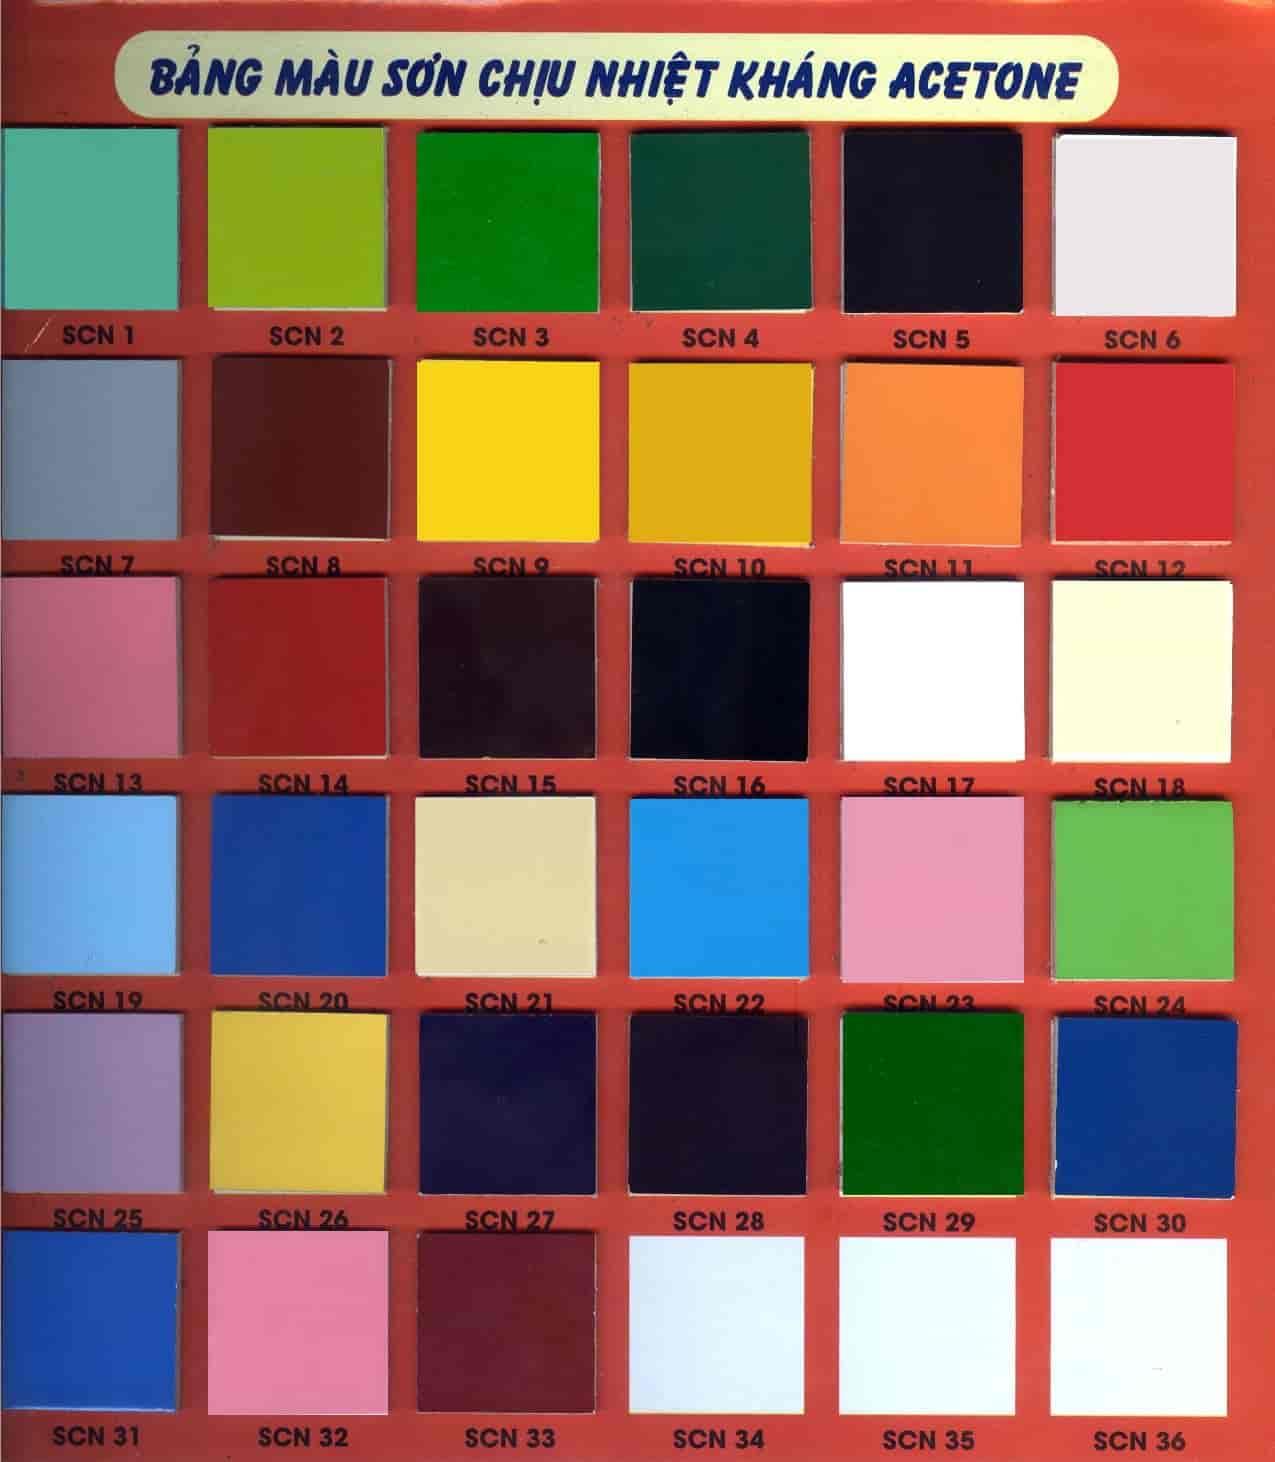 Bảng màu sơn Hoa Việt chịu nhiệt kháng acetone